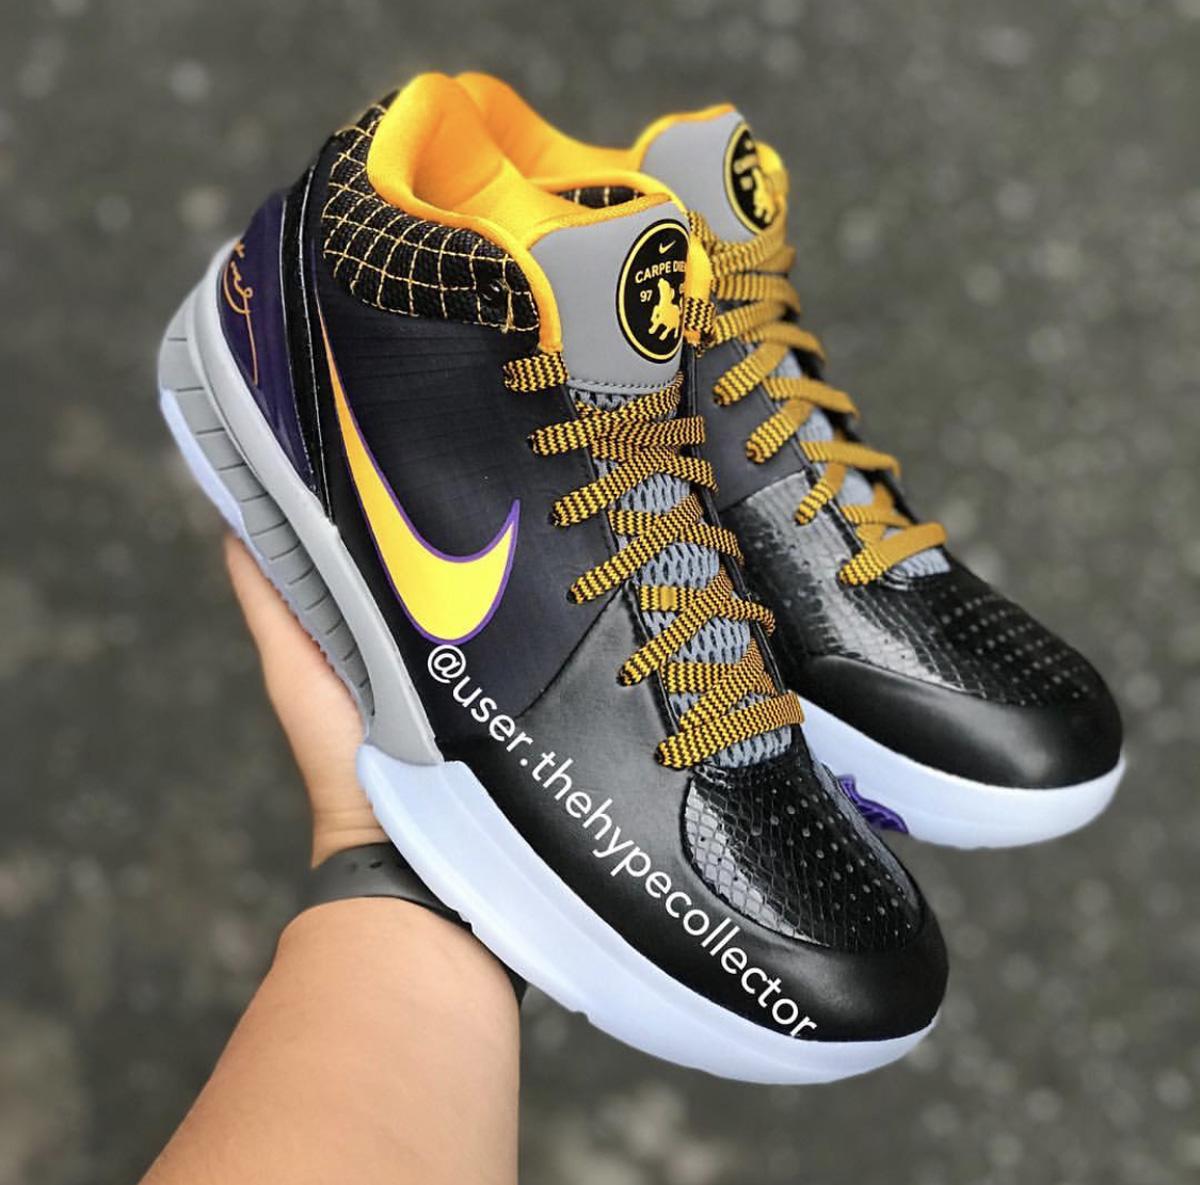 Nike-Kobe-4-Protro-Carpe-Diem-1